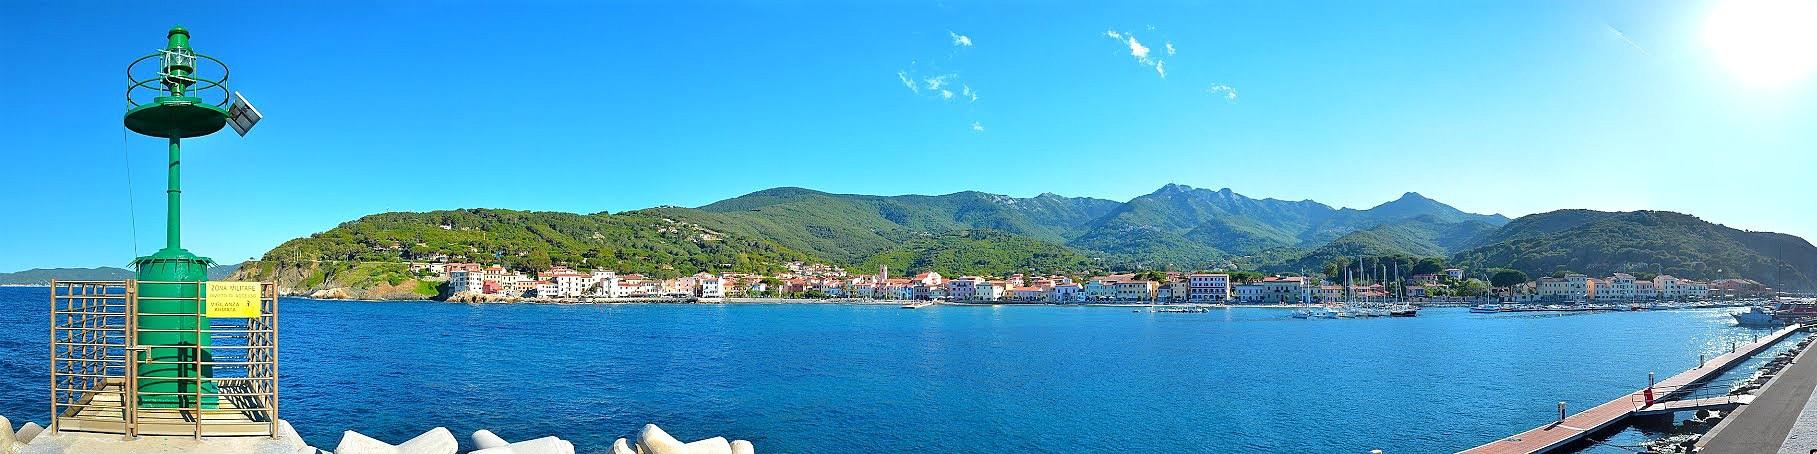 Elba, Marciana Marina je pěkné historické městečko s krásnými okolními plážemi